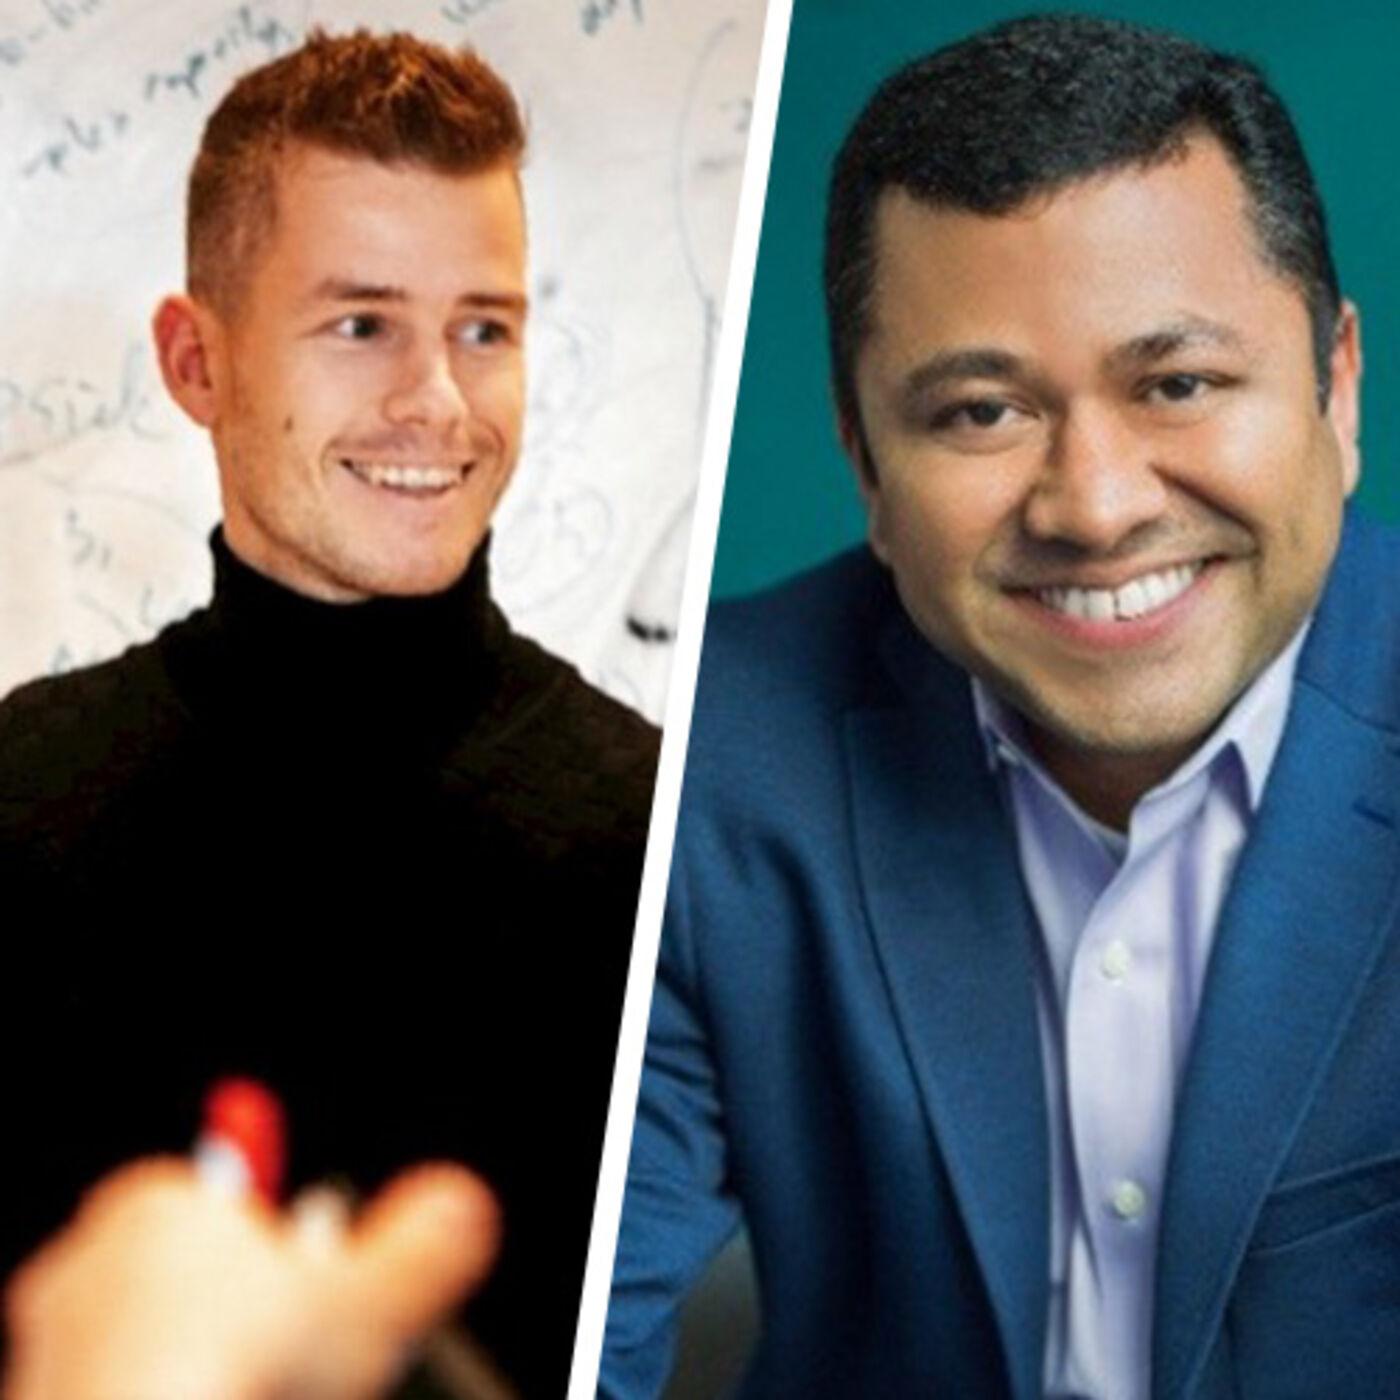 Mathew Elenjickal Founder & CEO of FourKites and Stephan de Barse EVP of o9 Solutions